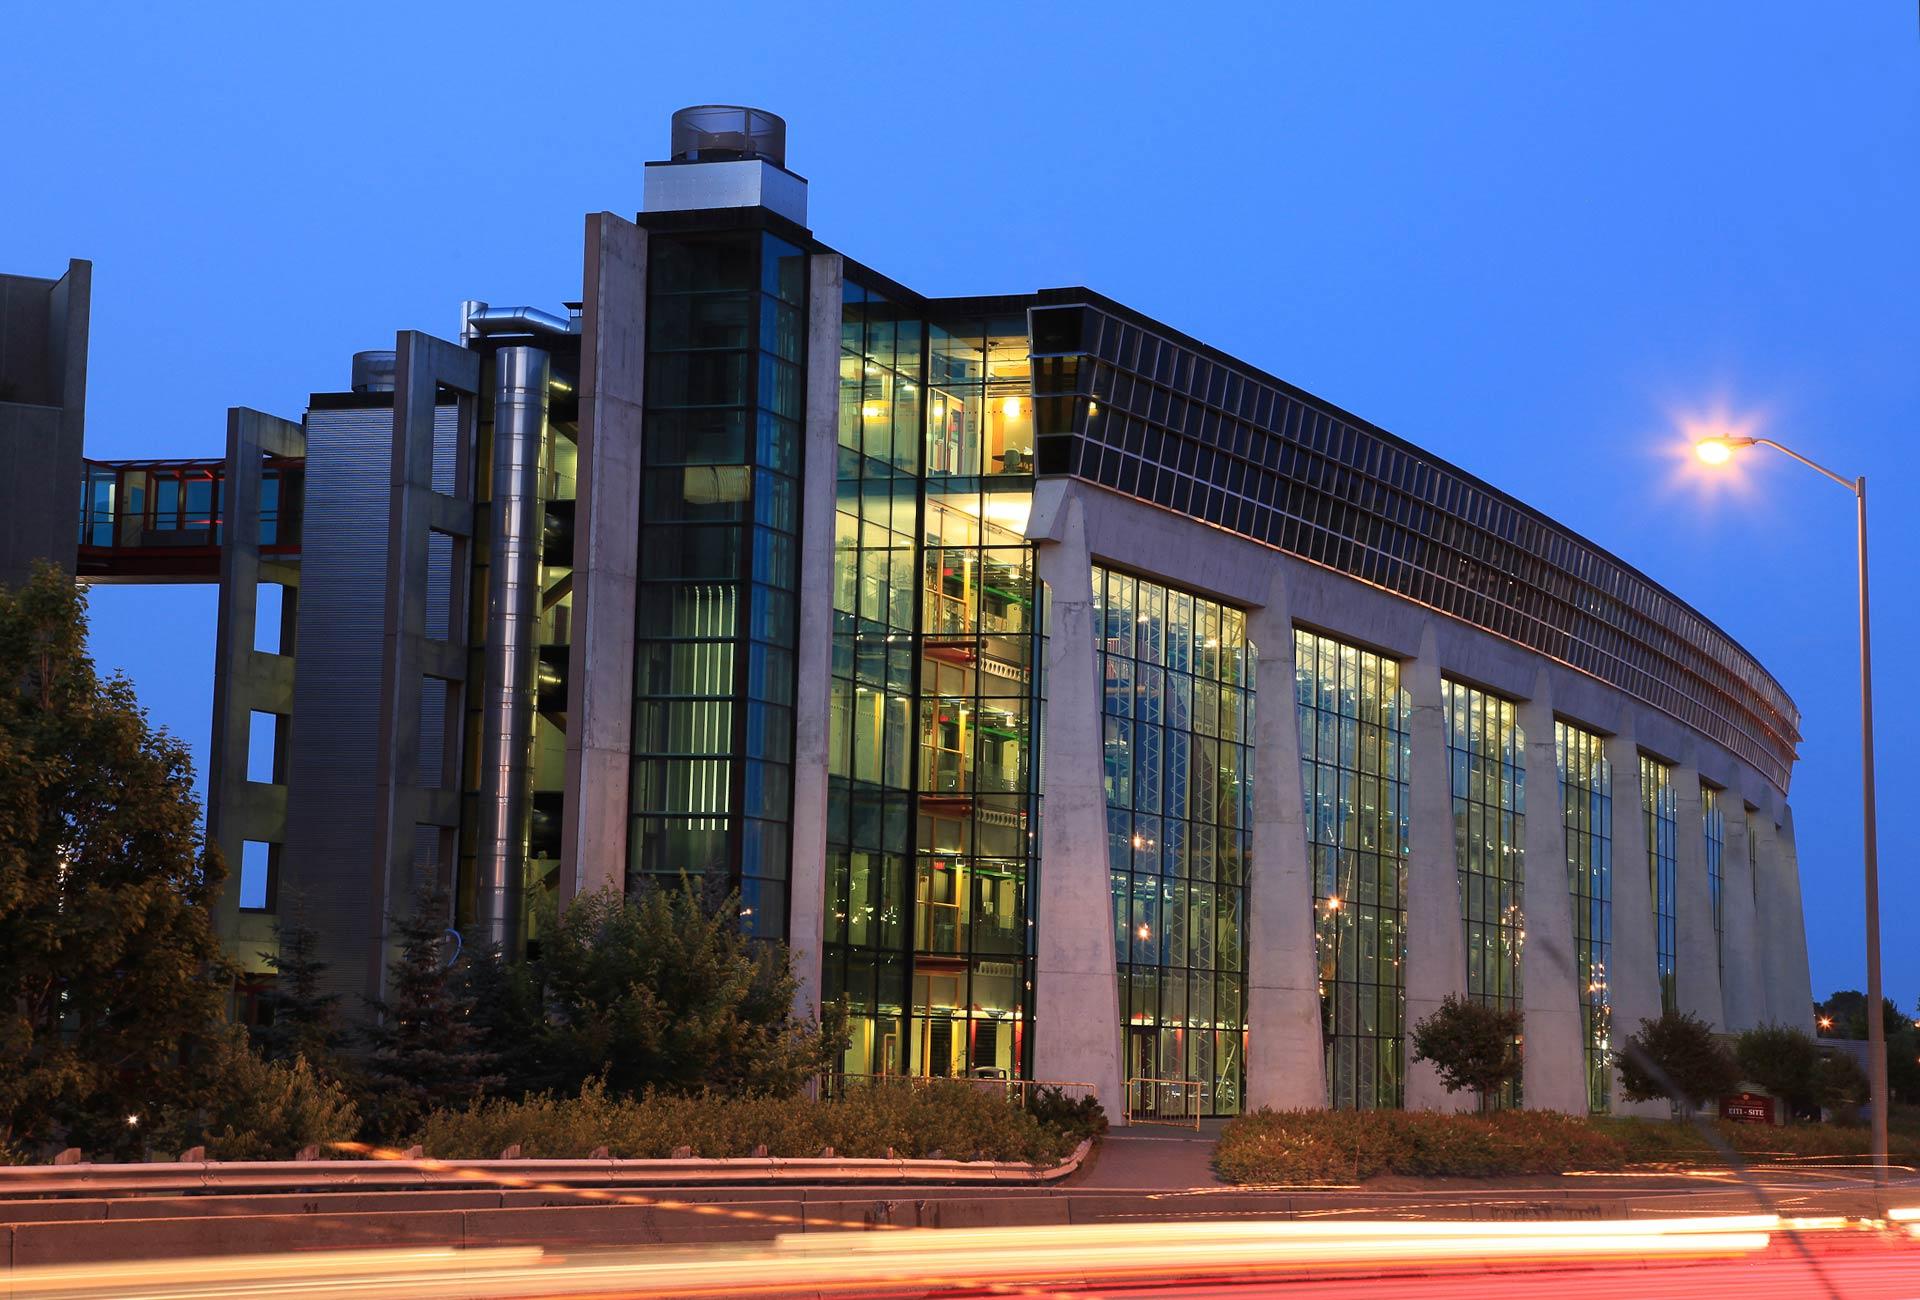 L'édifice de l'École de science informatique et de génie électrique (SIGE) au 800, avenue King Edward est vitré en totalité ou presque et possède cinq volumineux étages.